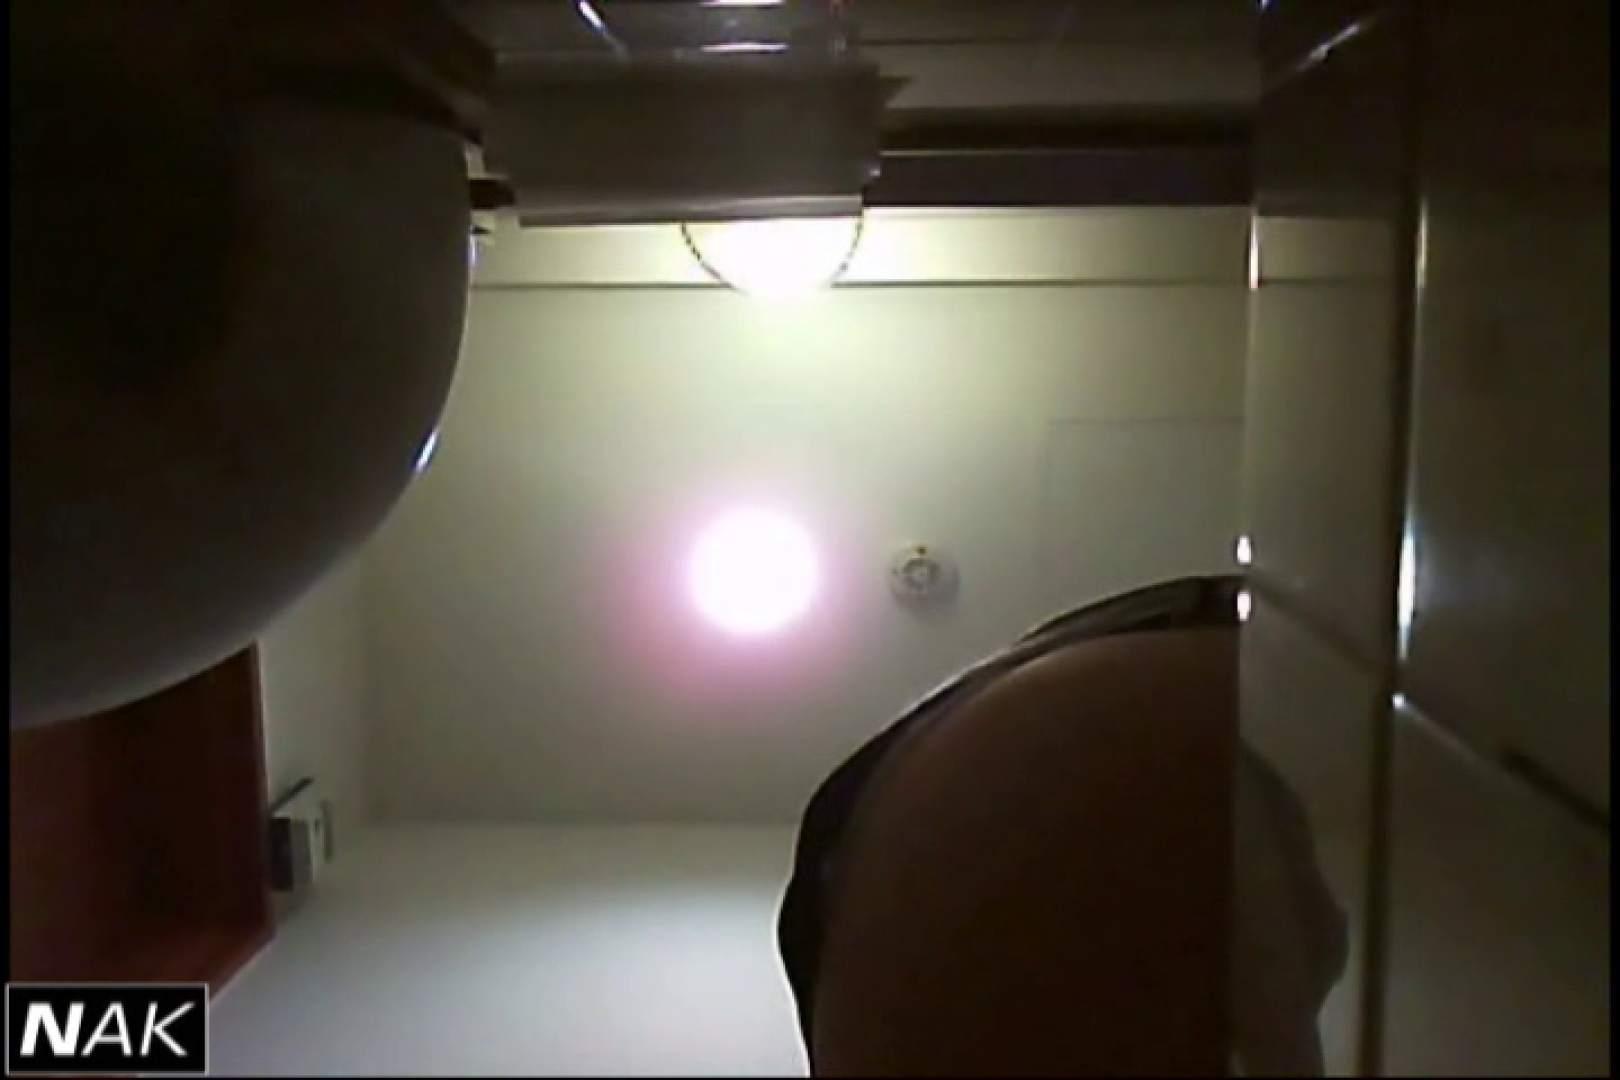 亀さんかわや VIP和式2カメバージョン! vol.05 和式 盗撮おめこ無修正動画無料 110画像 84